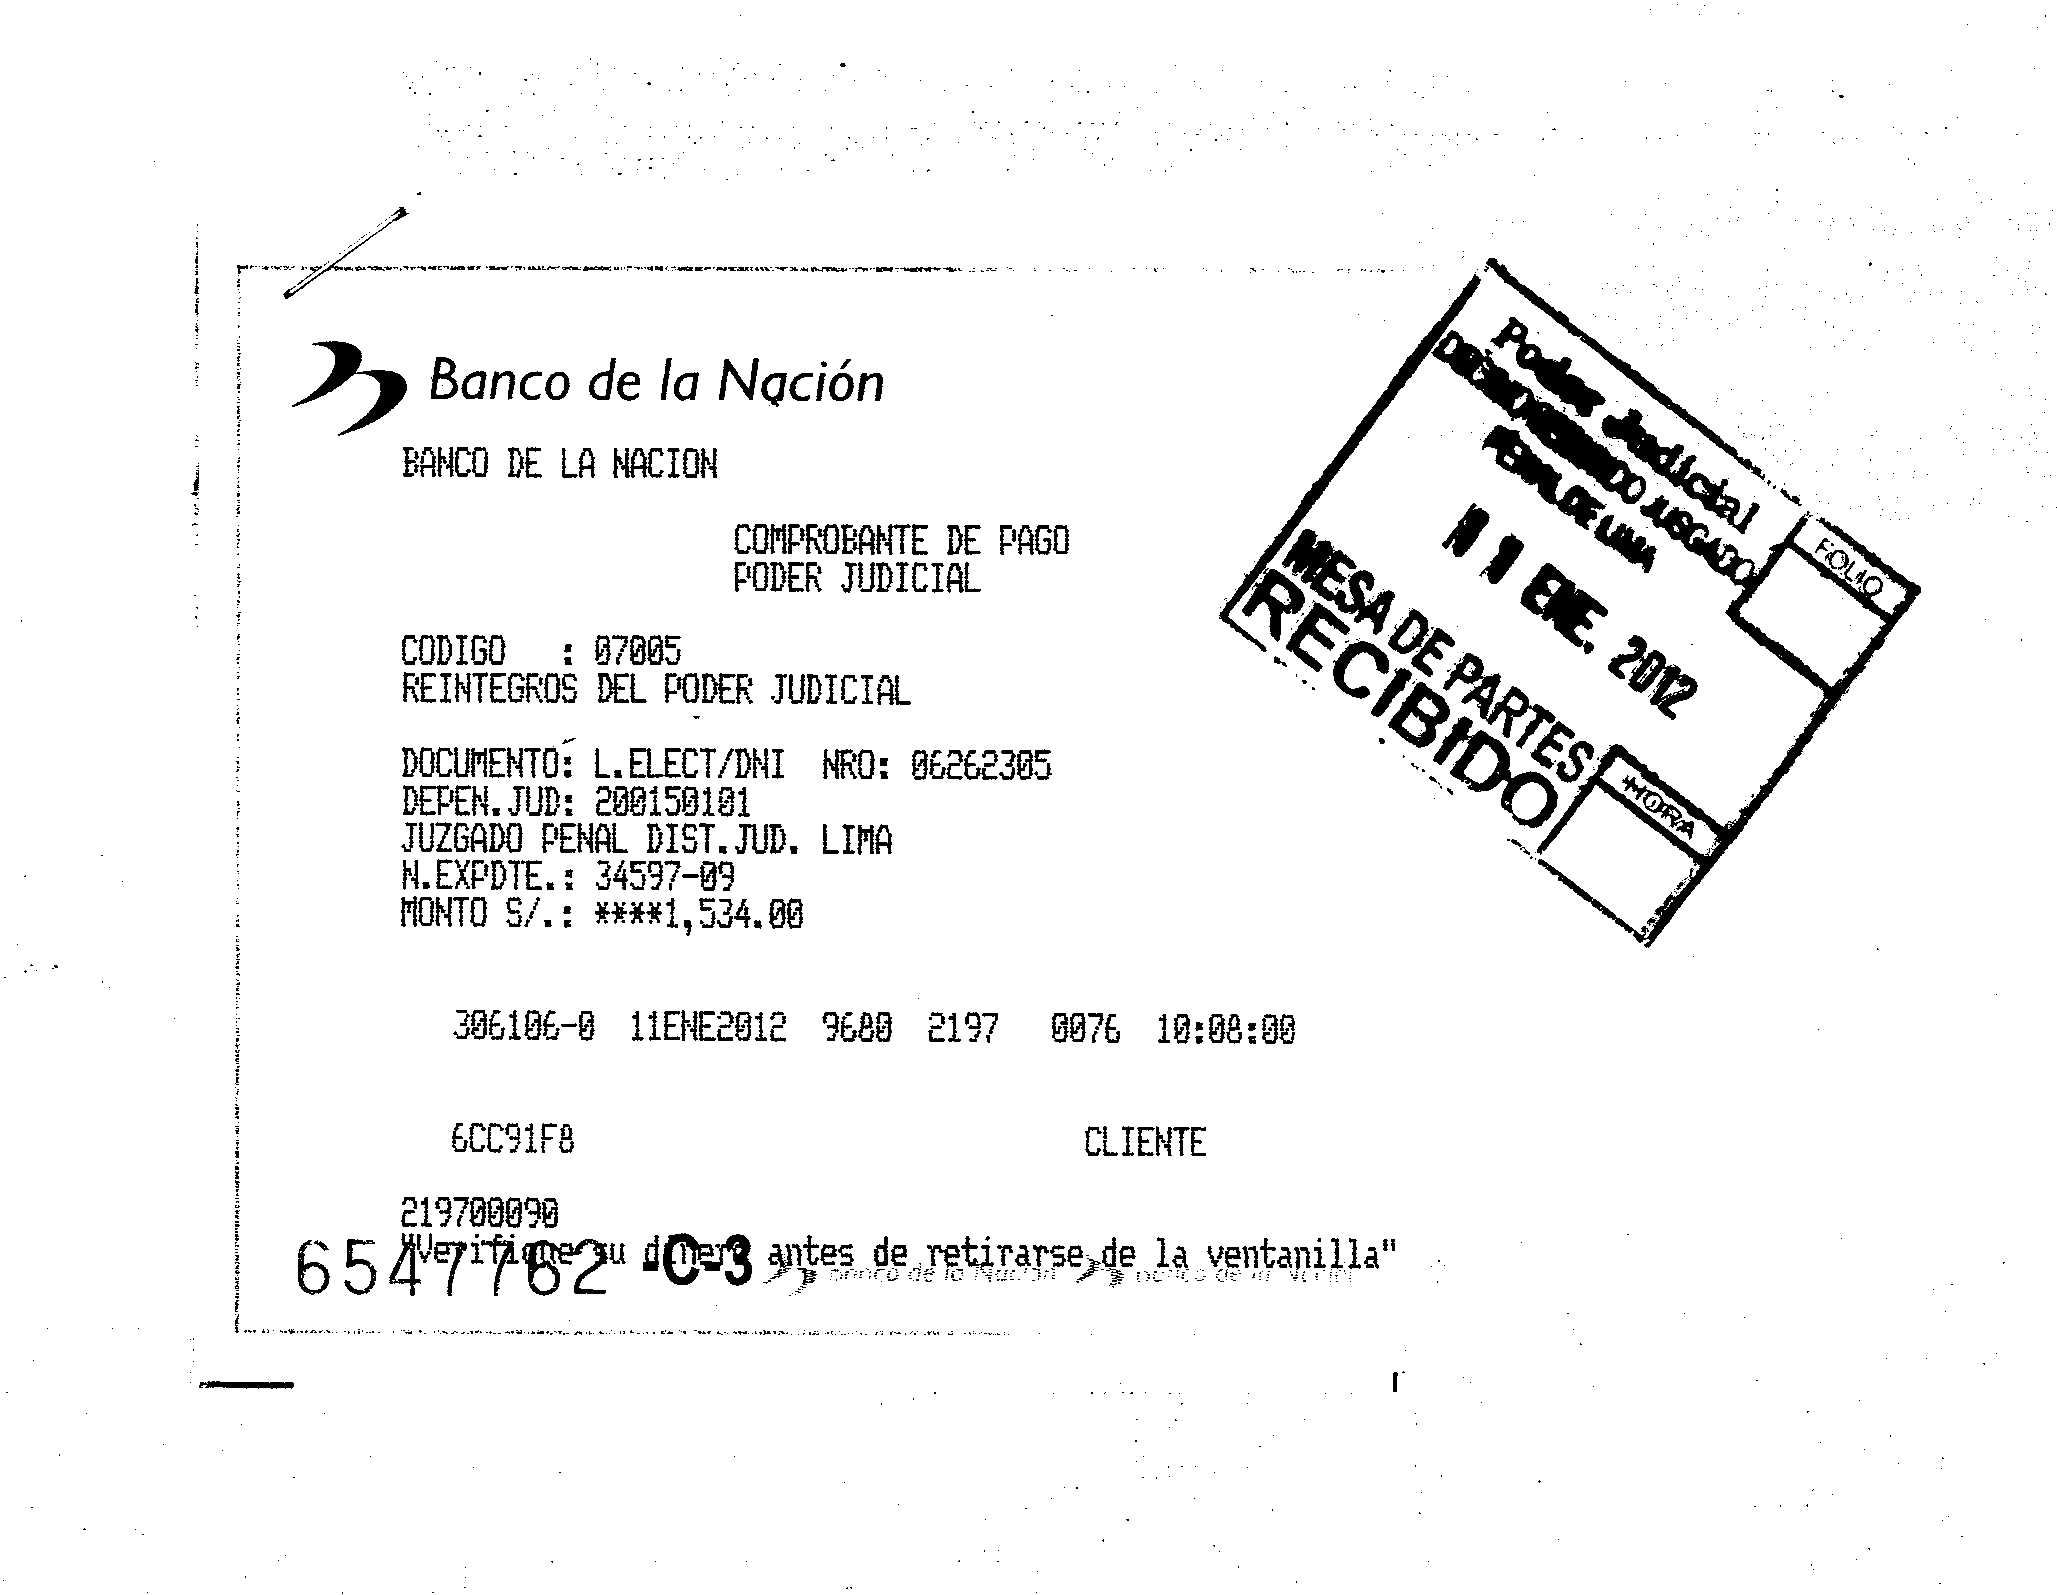 codigo contencioso administrativo nacional: